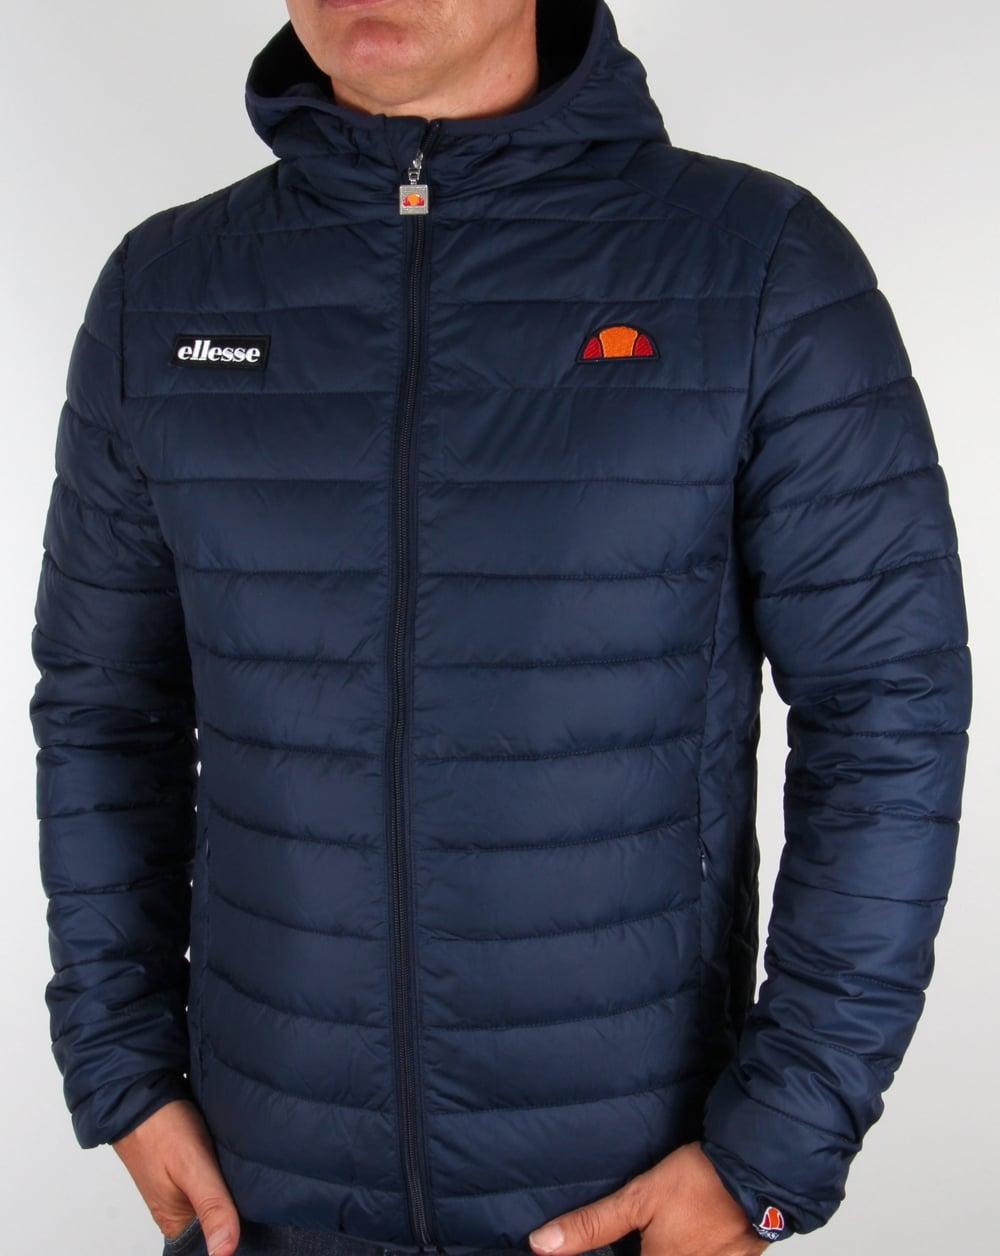 ellesse Lombardy jacket navy